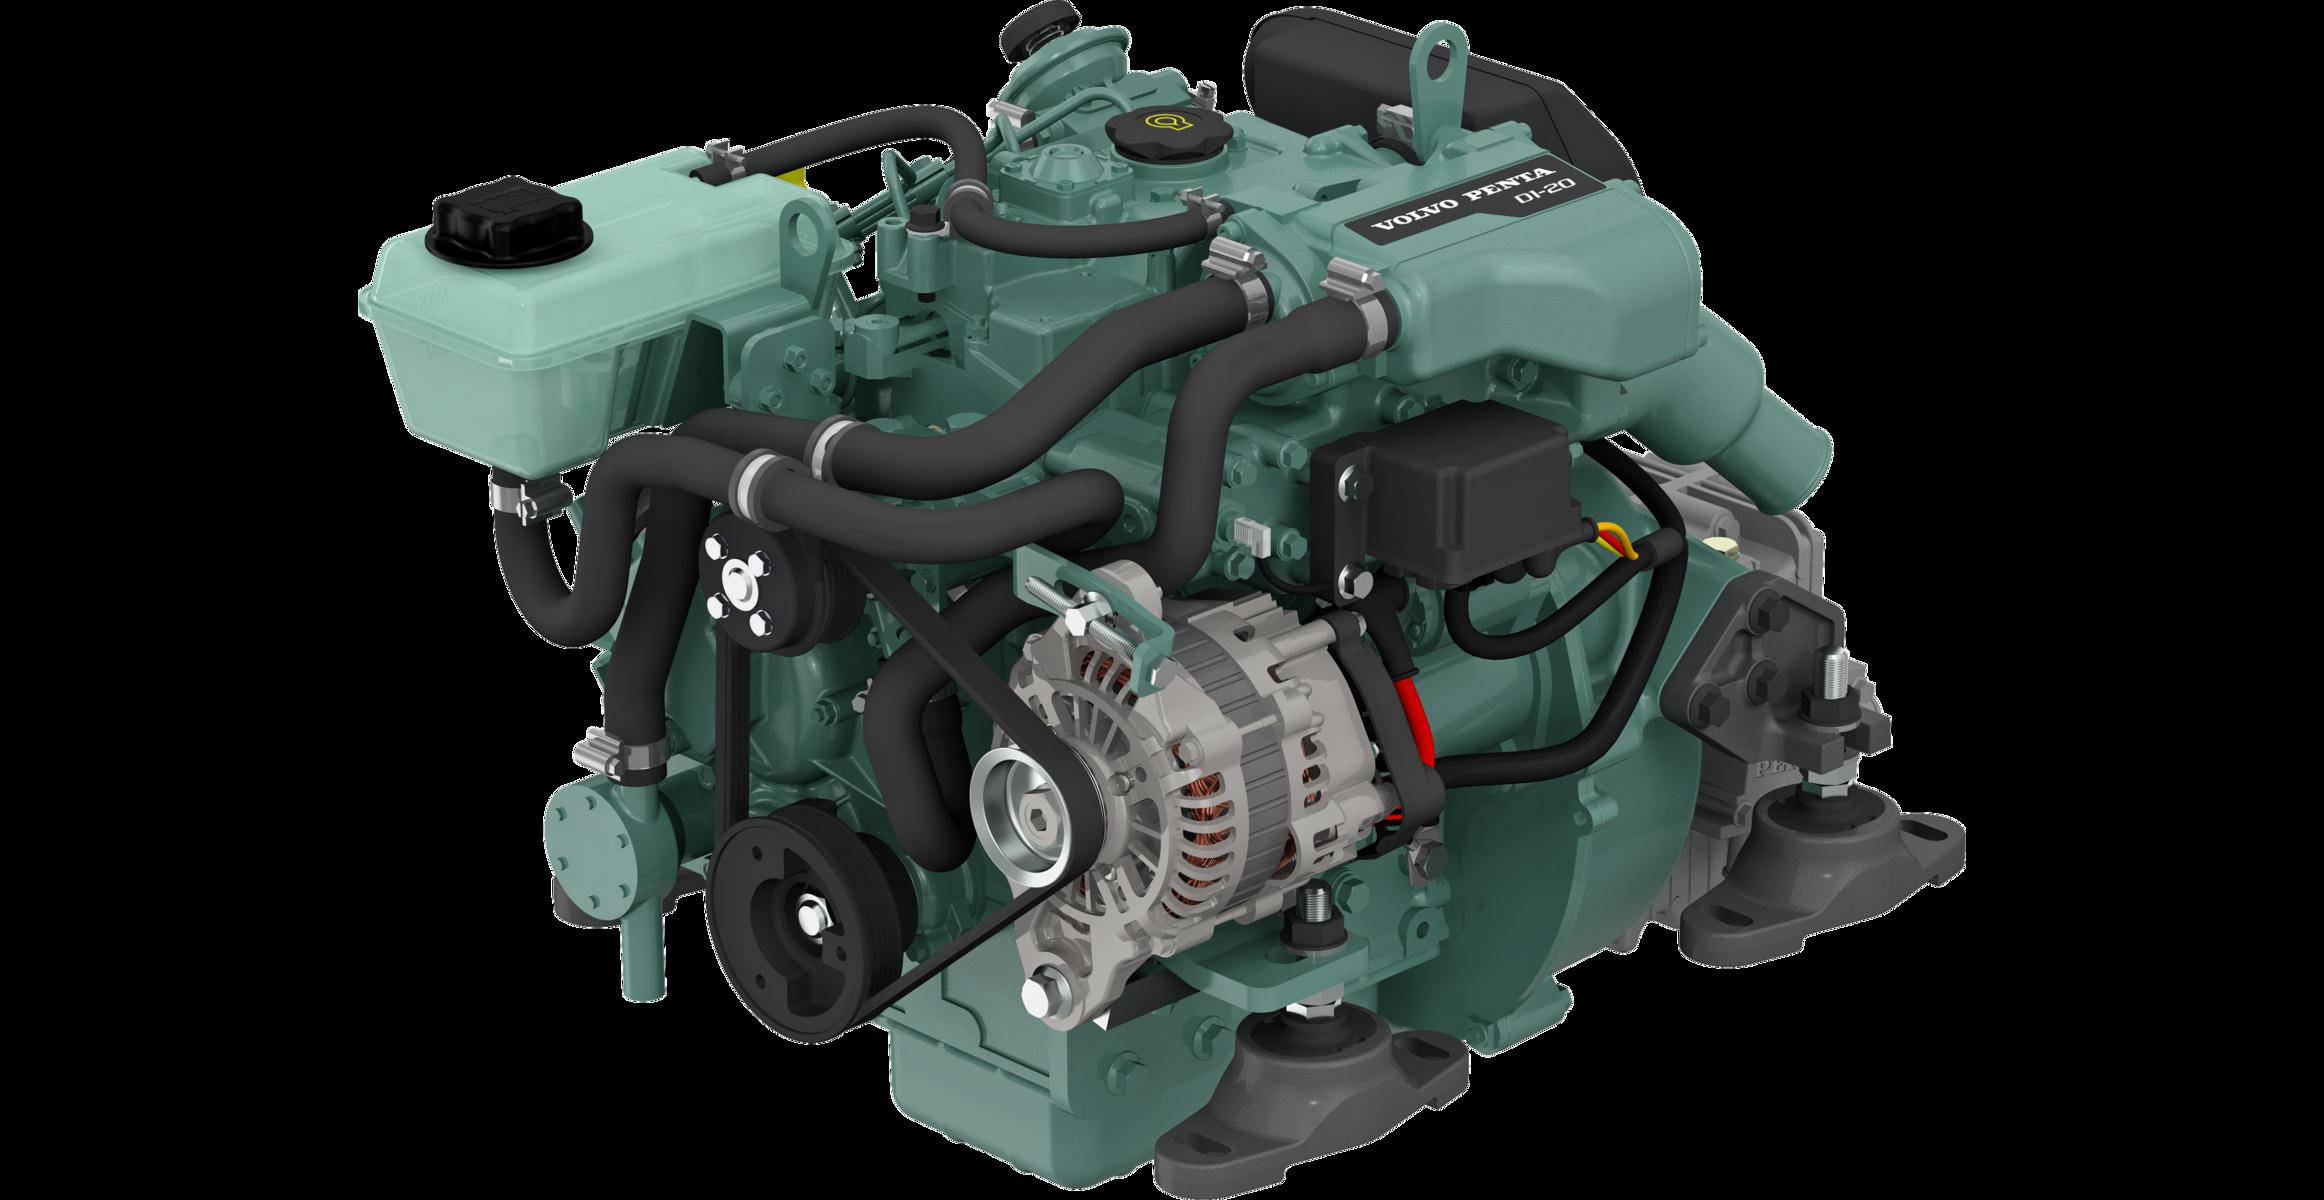 63 All New Volvo 2020 Marine Diesel Pricing by Volvo 2020 Marine Diesel